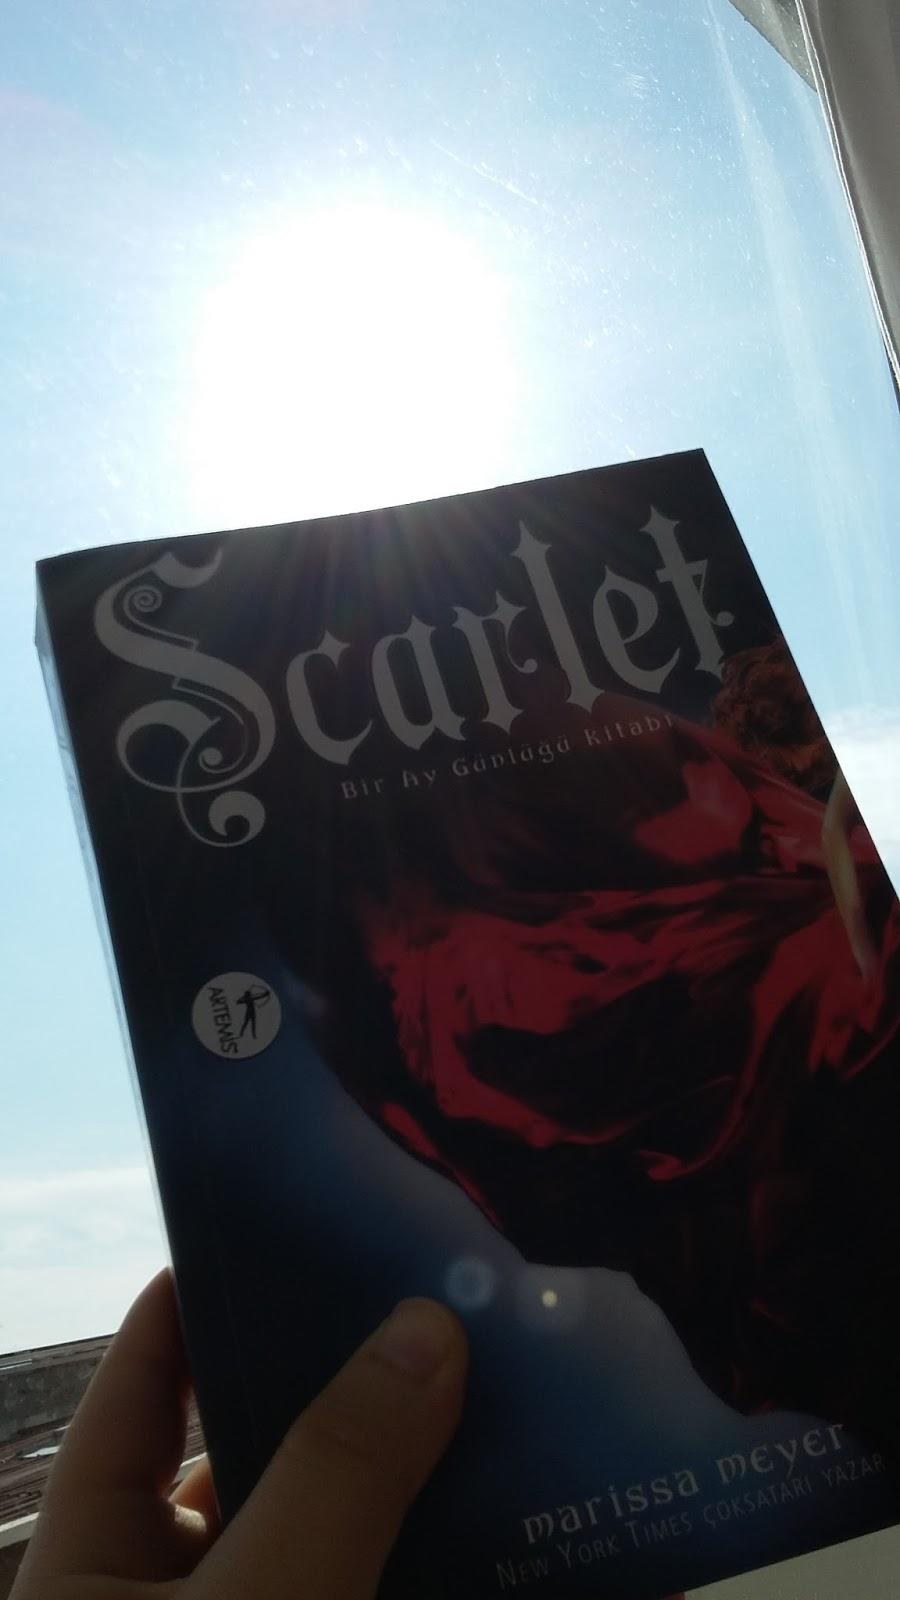 Roman Scarlett: Bir özet, yorumlar